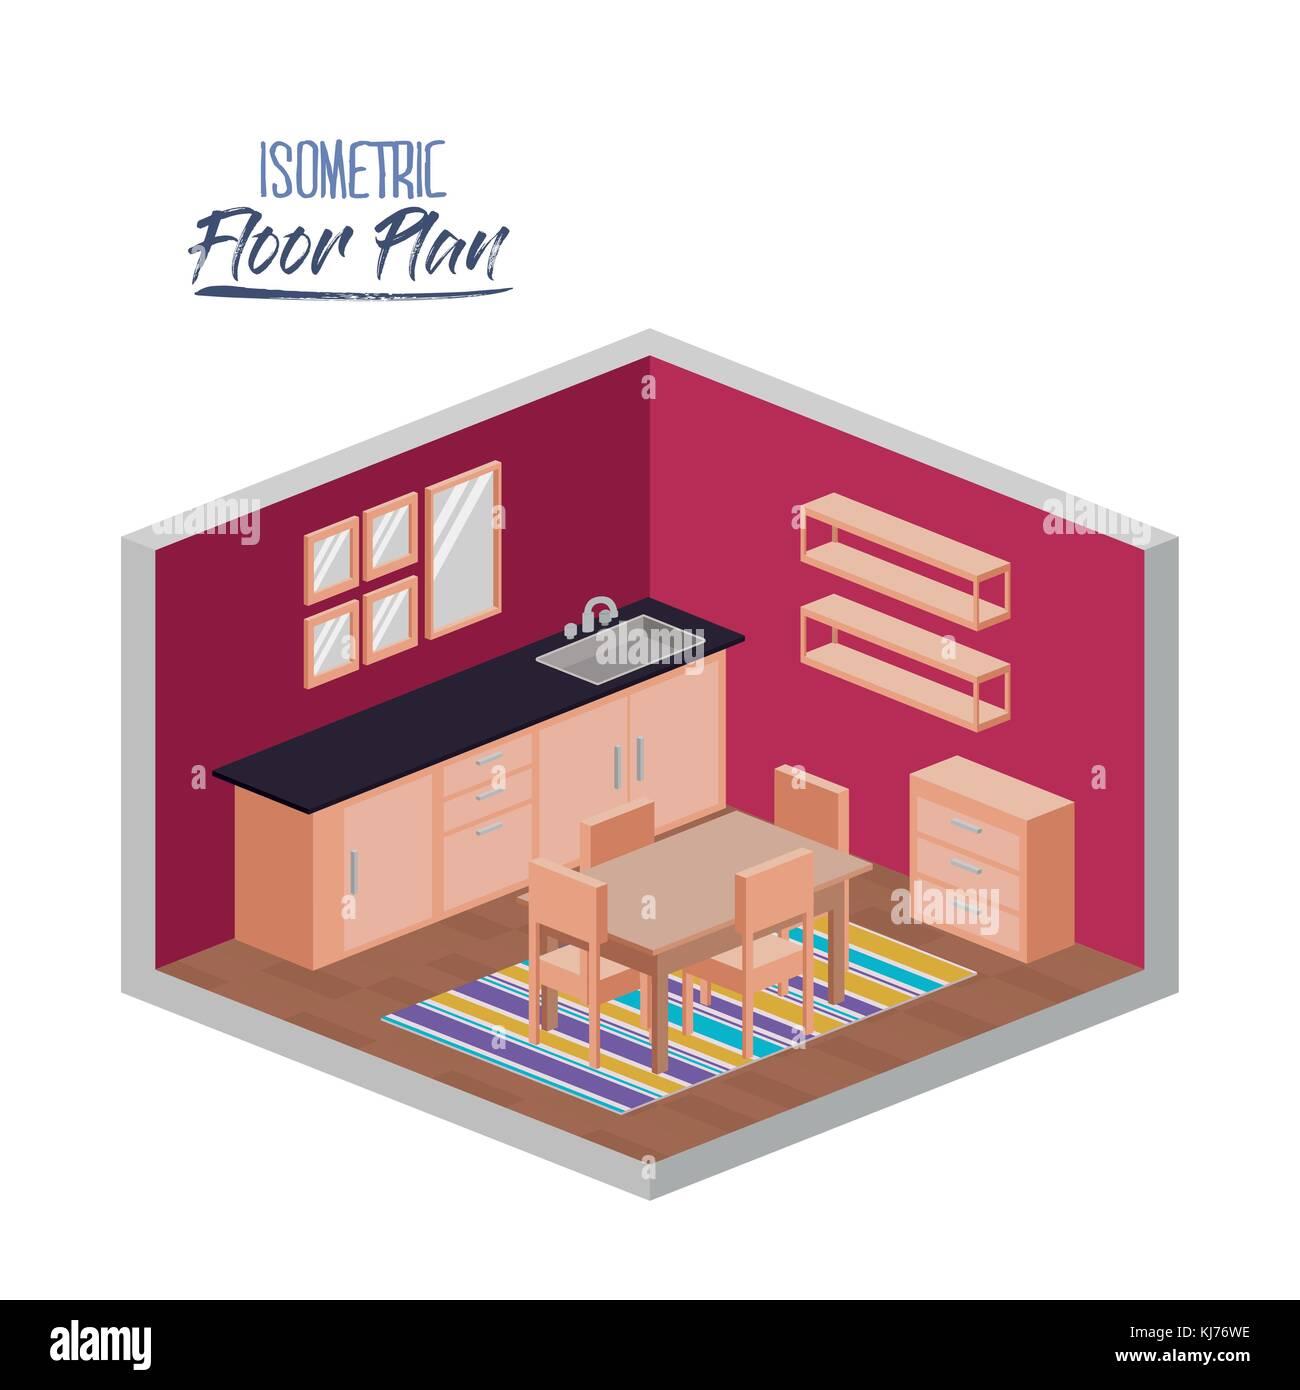 3d Floor Plan Isometric: Carpet Clip Art Stock Photos & Carpet Clip Art Stock